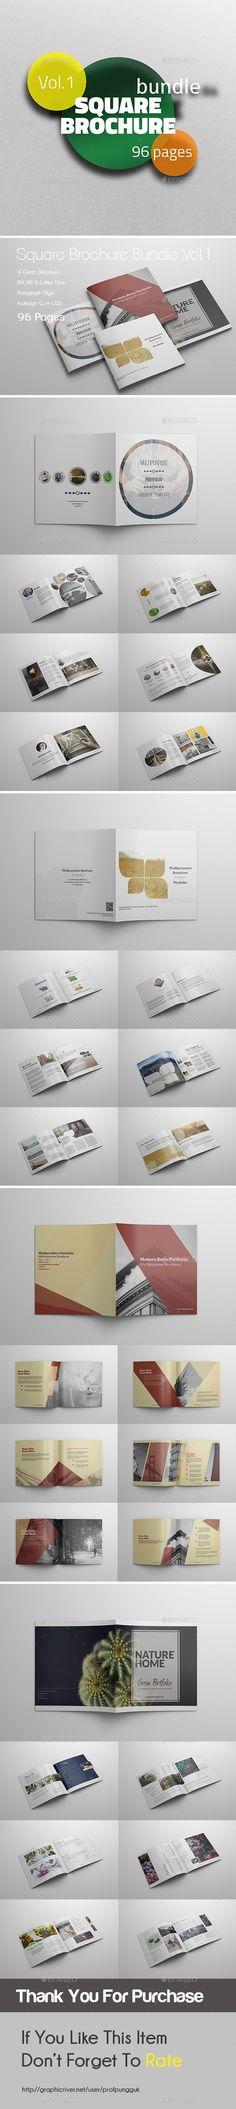 Square Brochure Bundle Vol.1